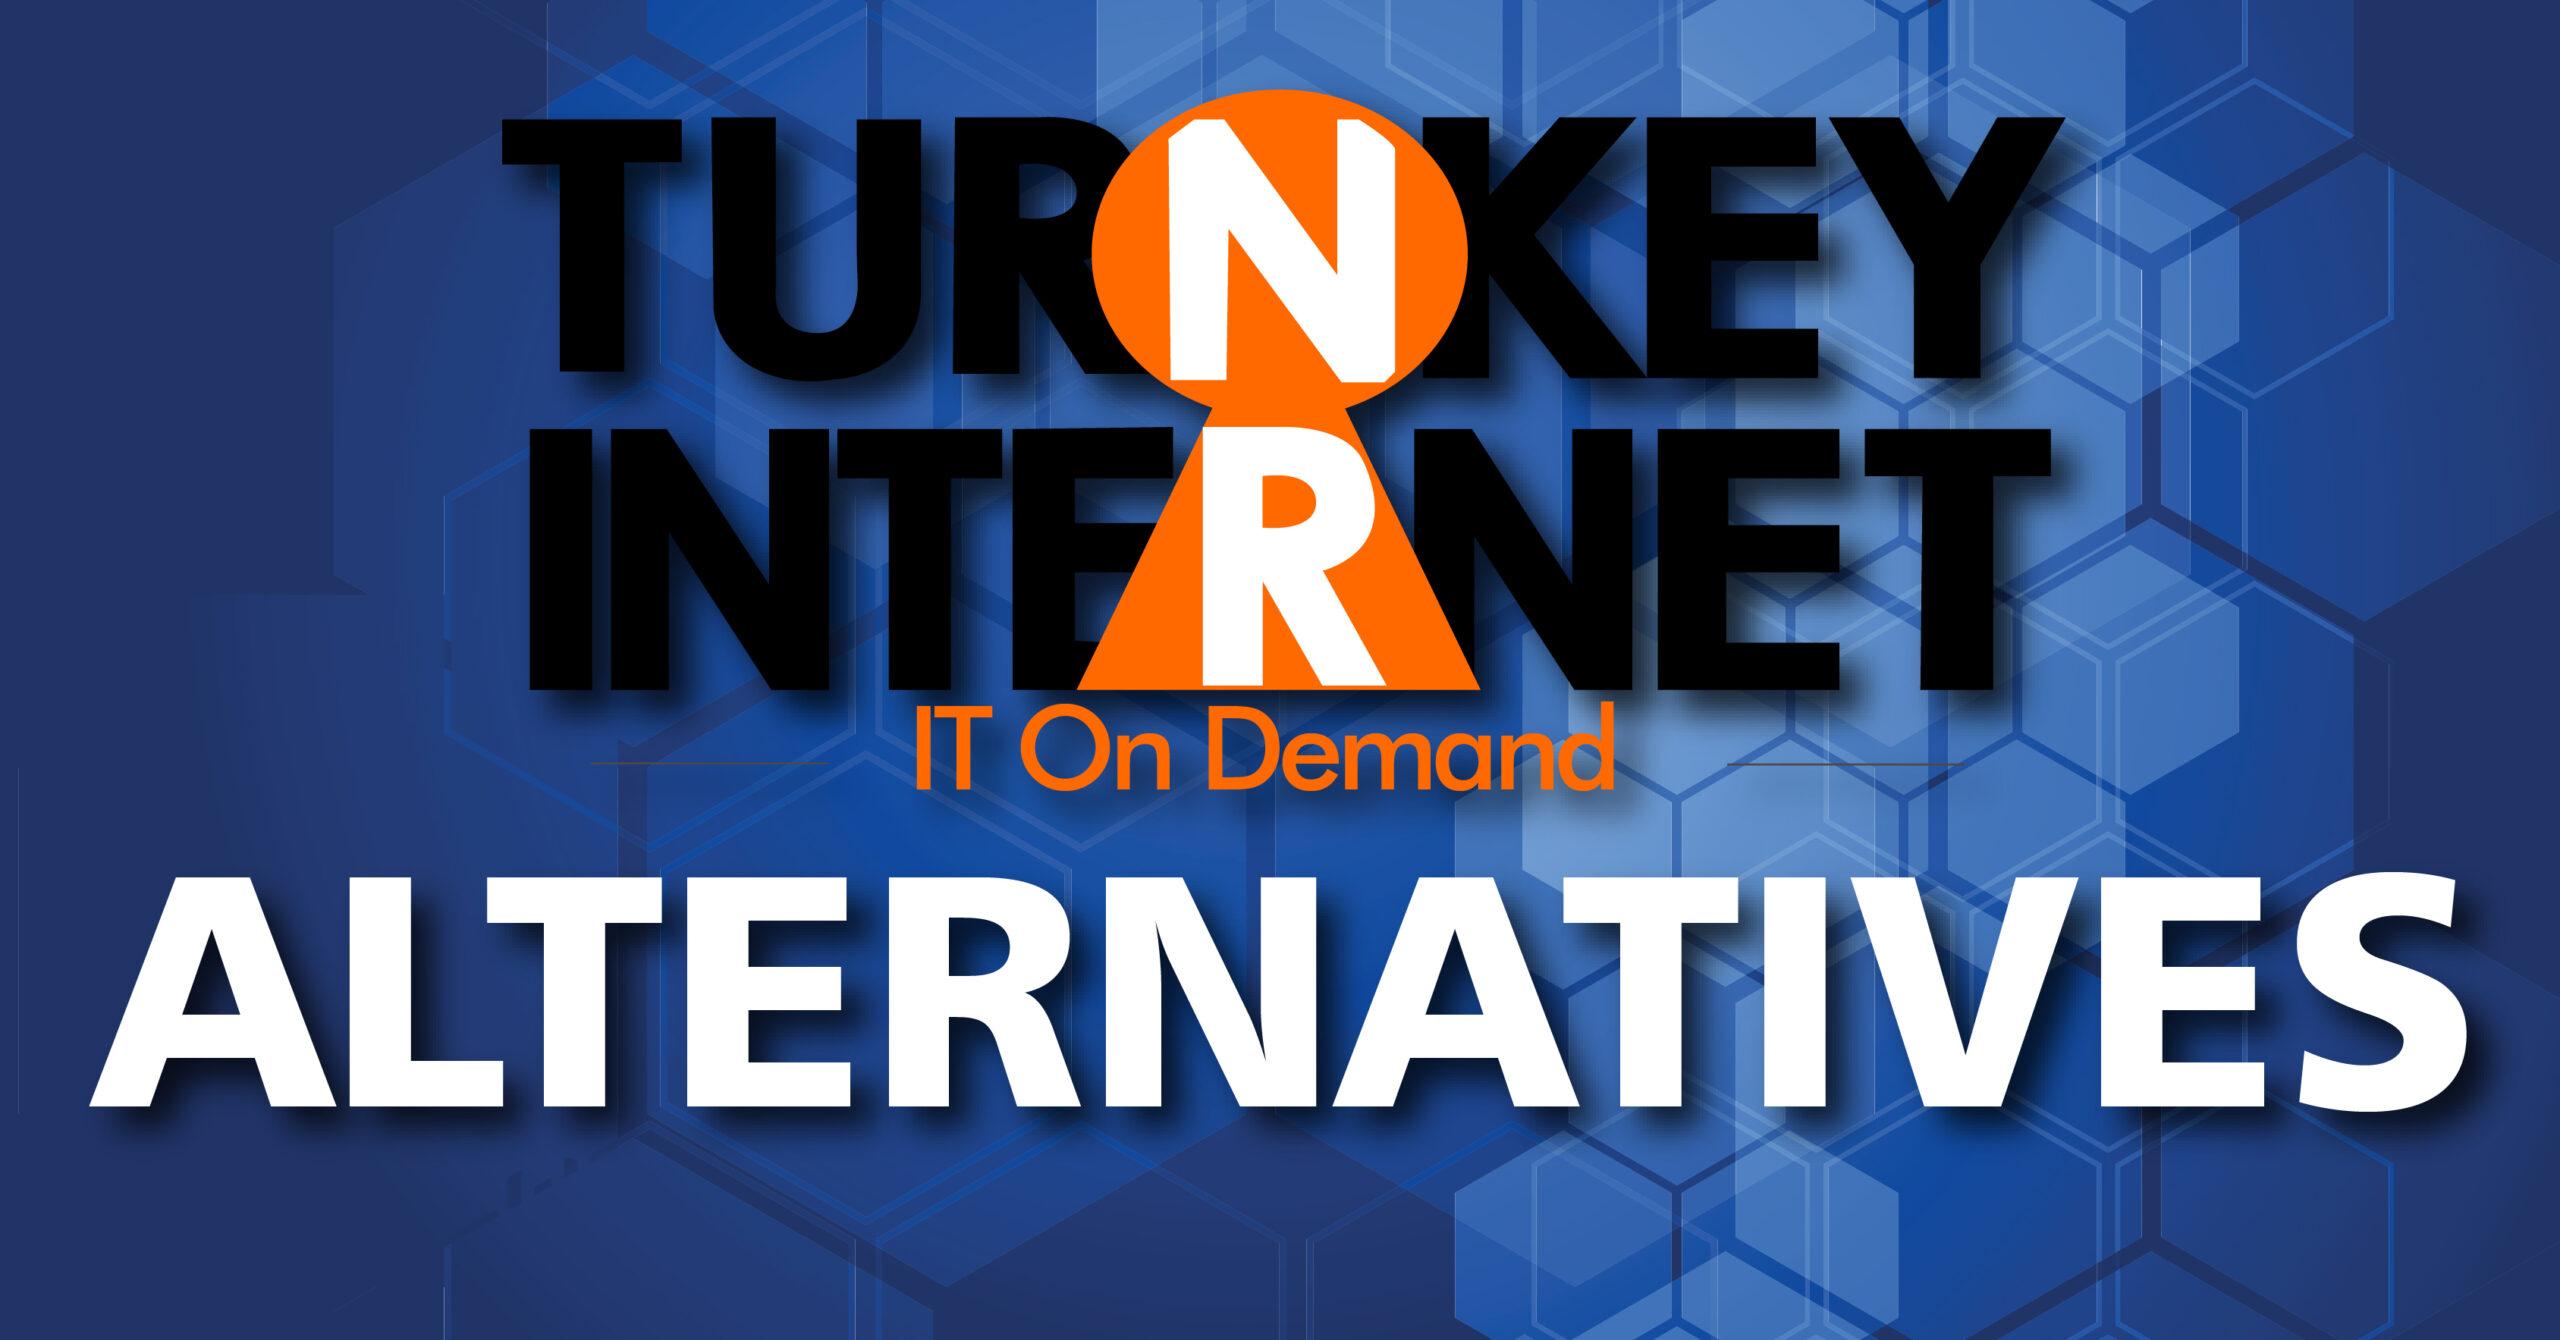 Turnkey Alternatives